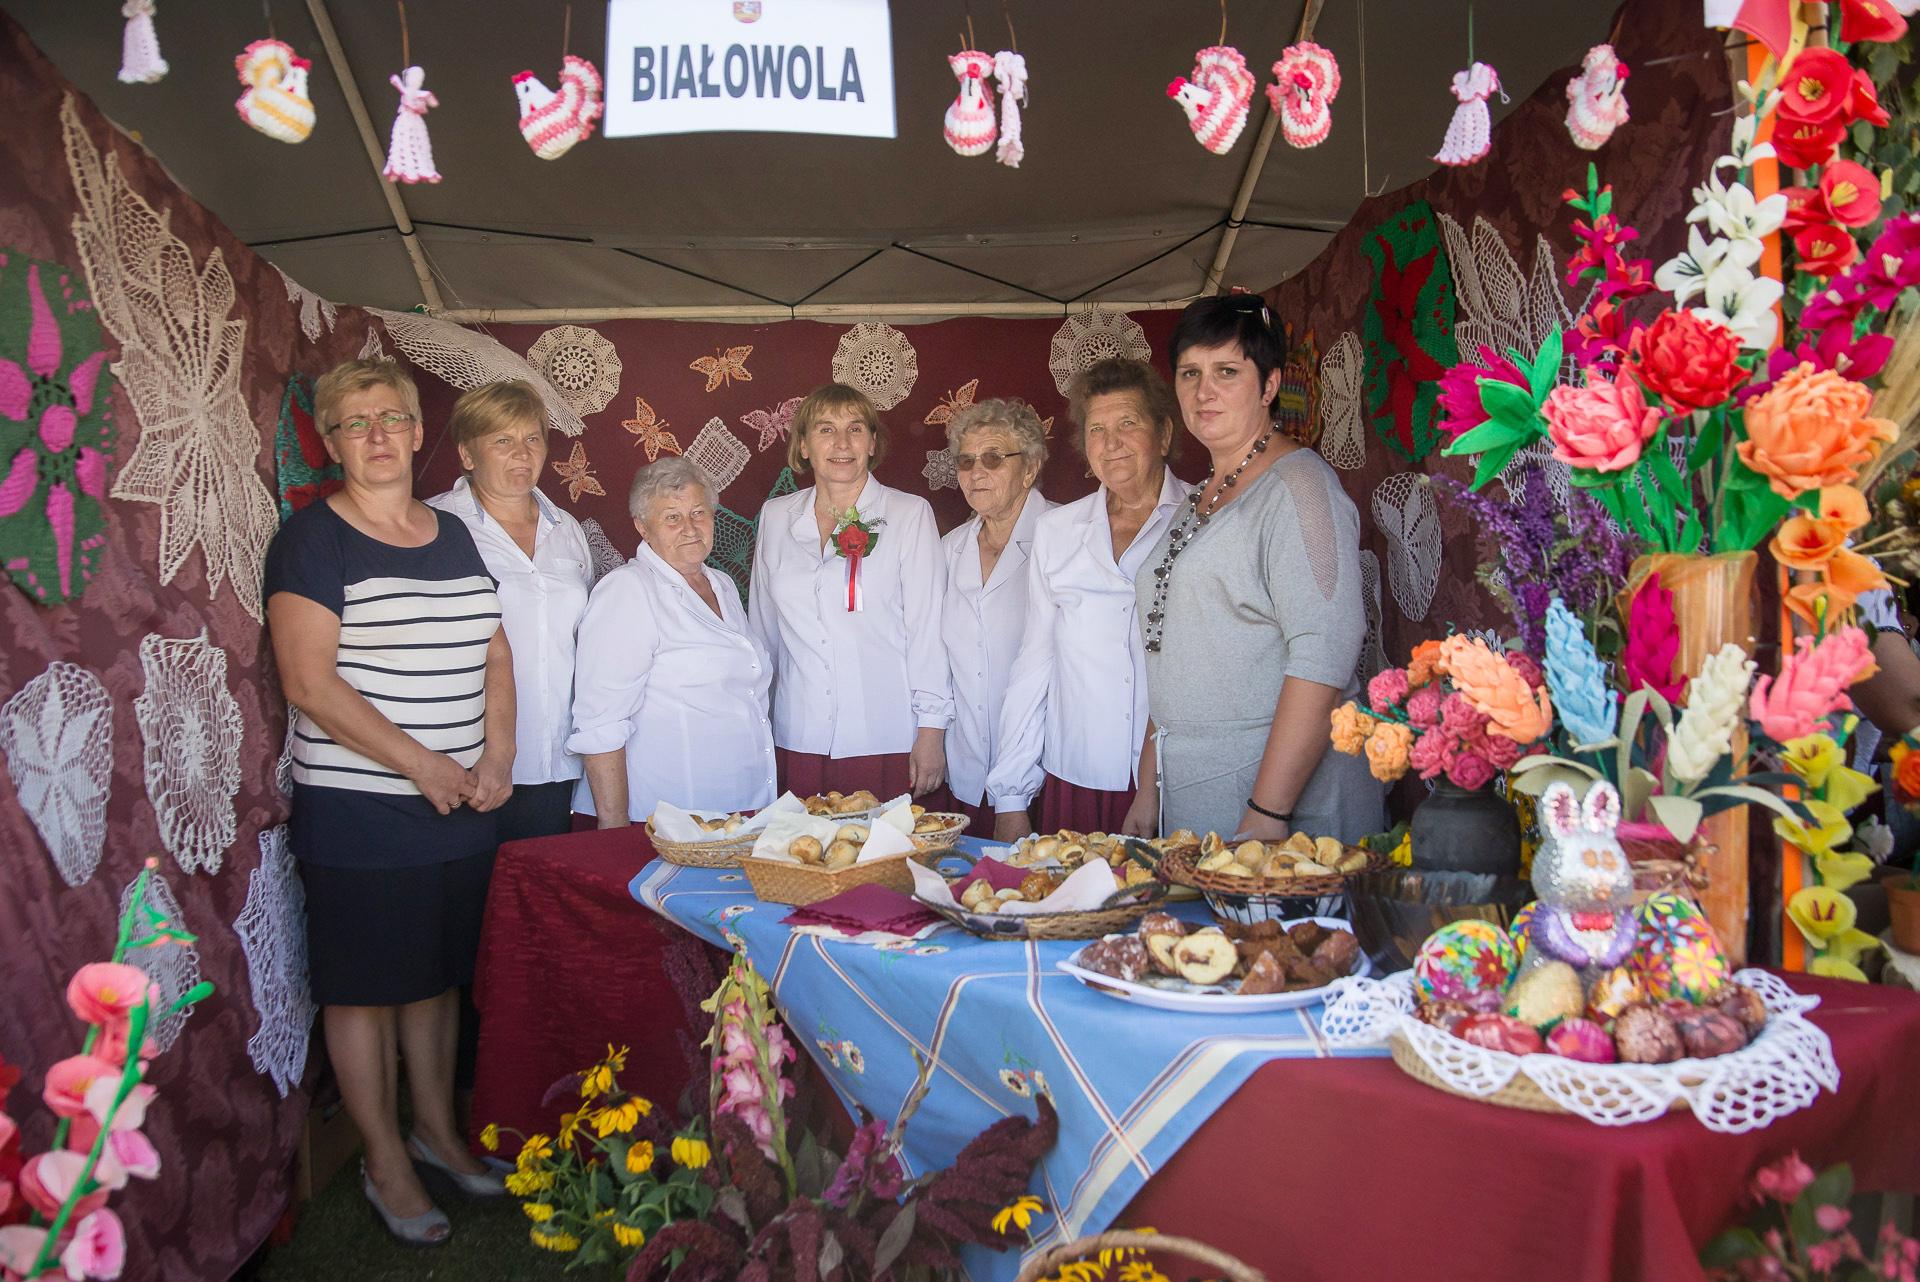 bialowola